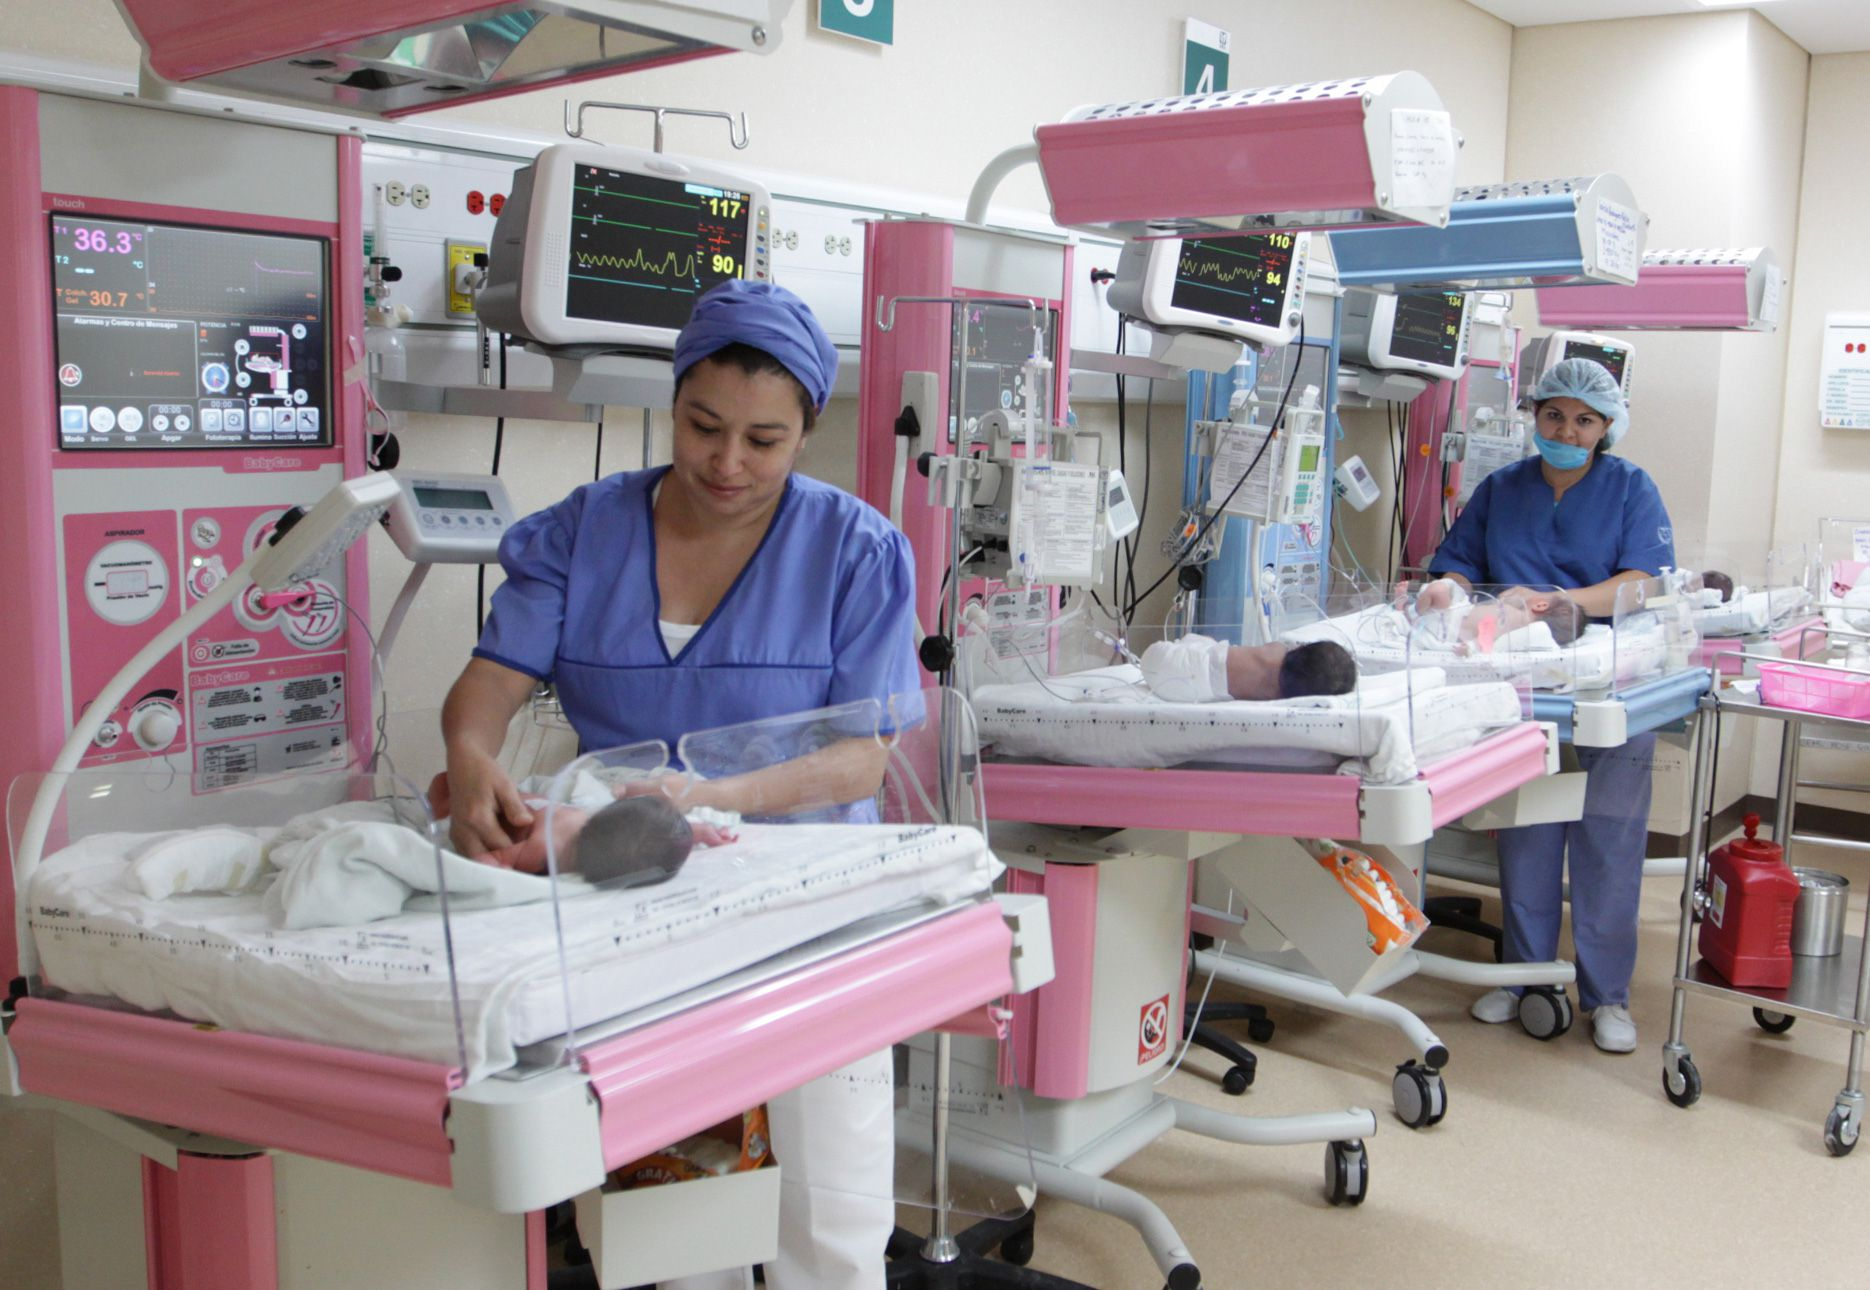 Se estima que nacen por año en la Argentina con PKU entre 50 y 70 niños, con una relación de un caso cada 15 mil nacidos vivos, por lo que la presentarían actualmente entre 600 y 700 personas en nuestro país -  FOTO: IMSS /CUARTOSCURO.COM